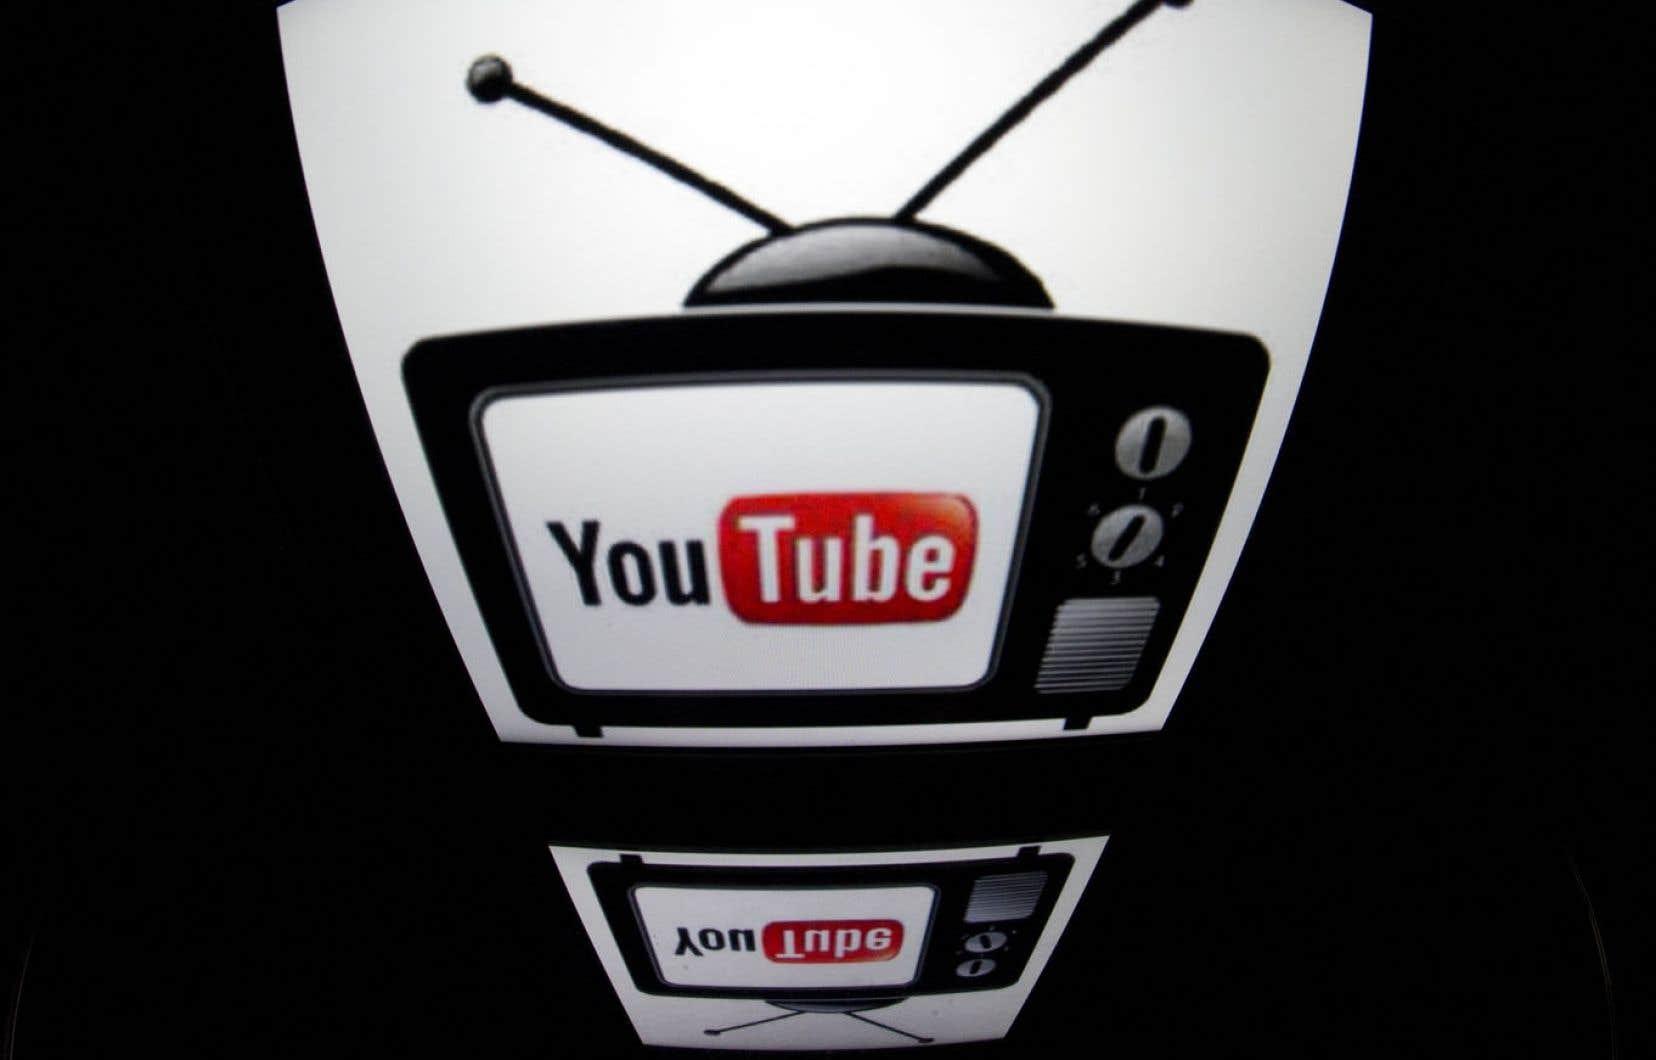 Plus de 15 millions de visiteurs canadiens uniques se rendent sur YouTube chaque mois.